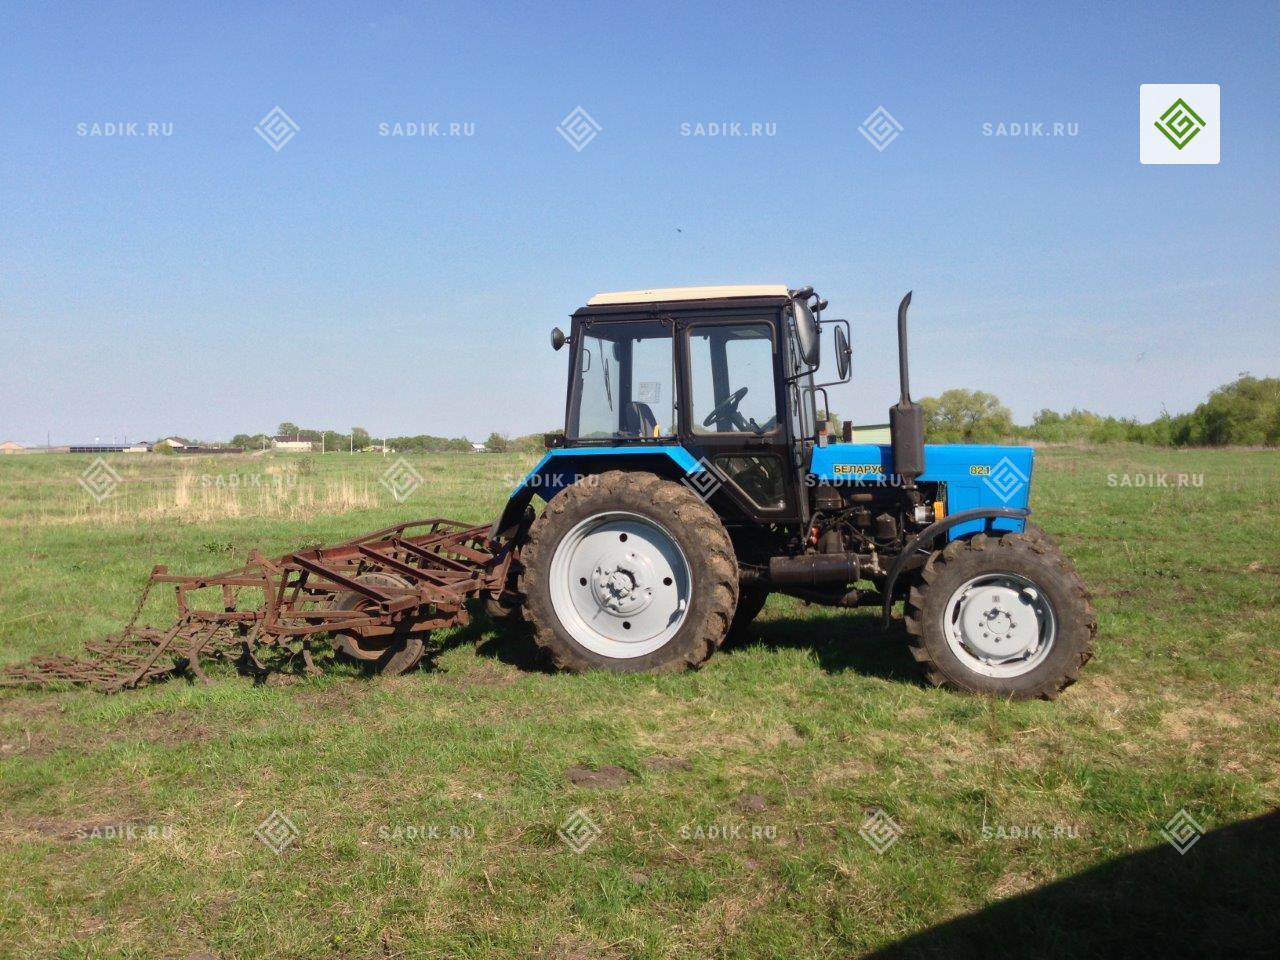 Работа трактора в Питомнике «Садовый лабиринт»